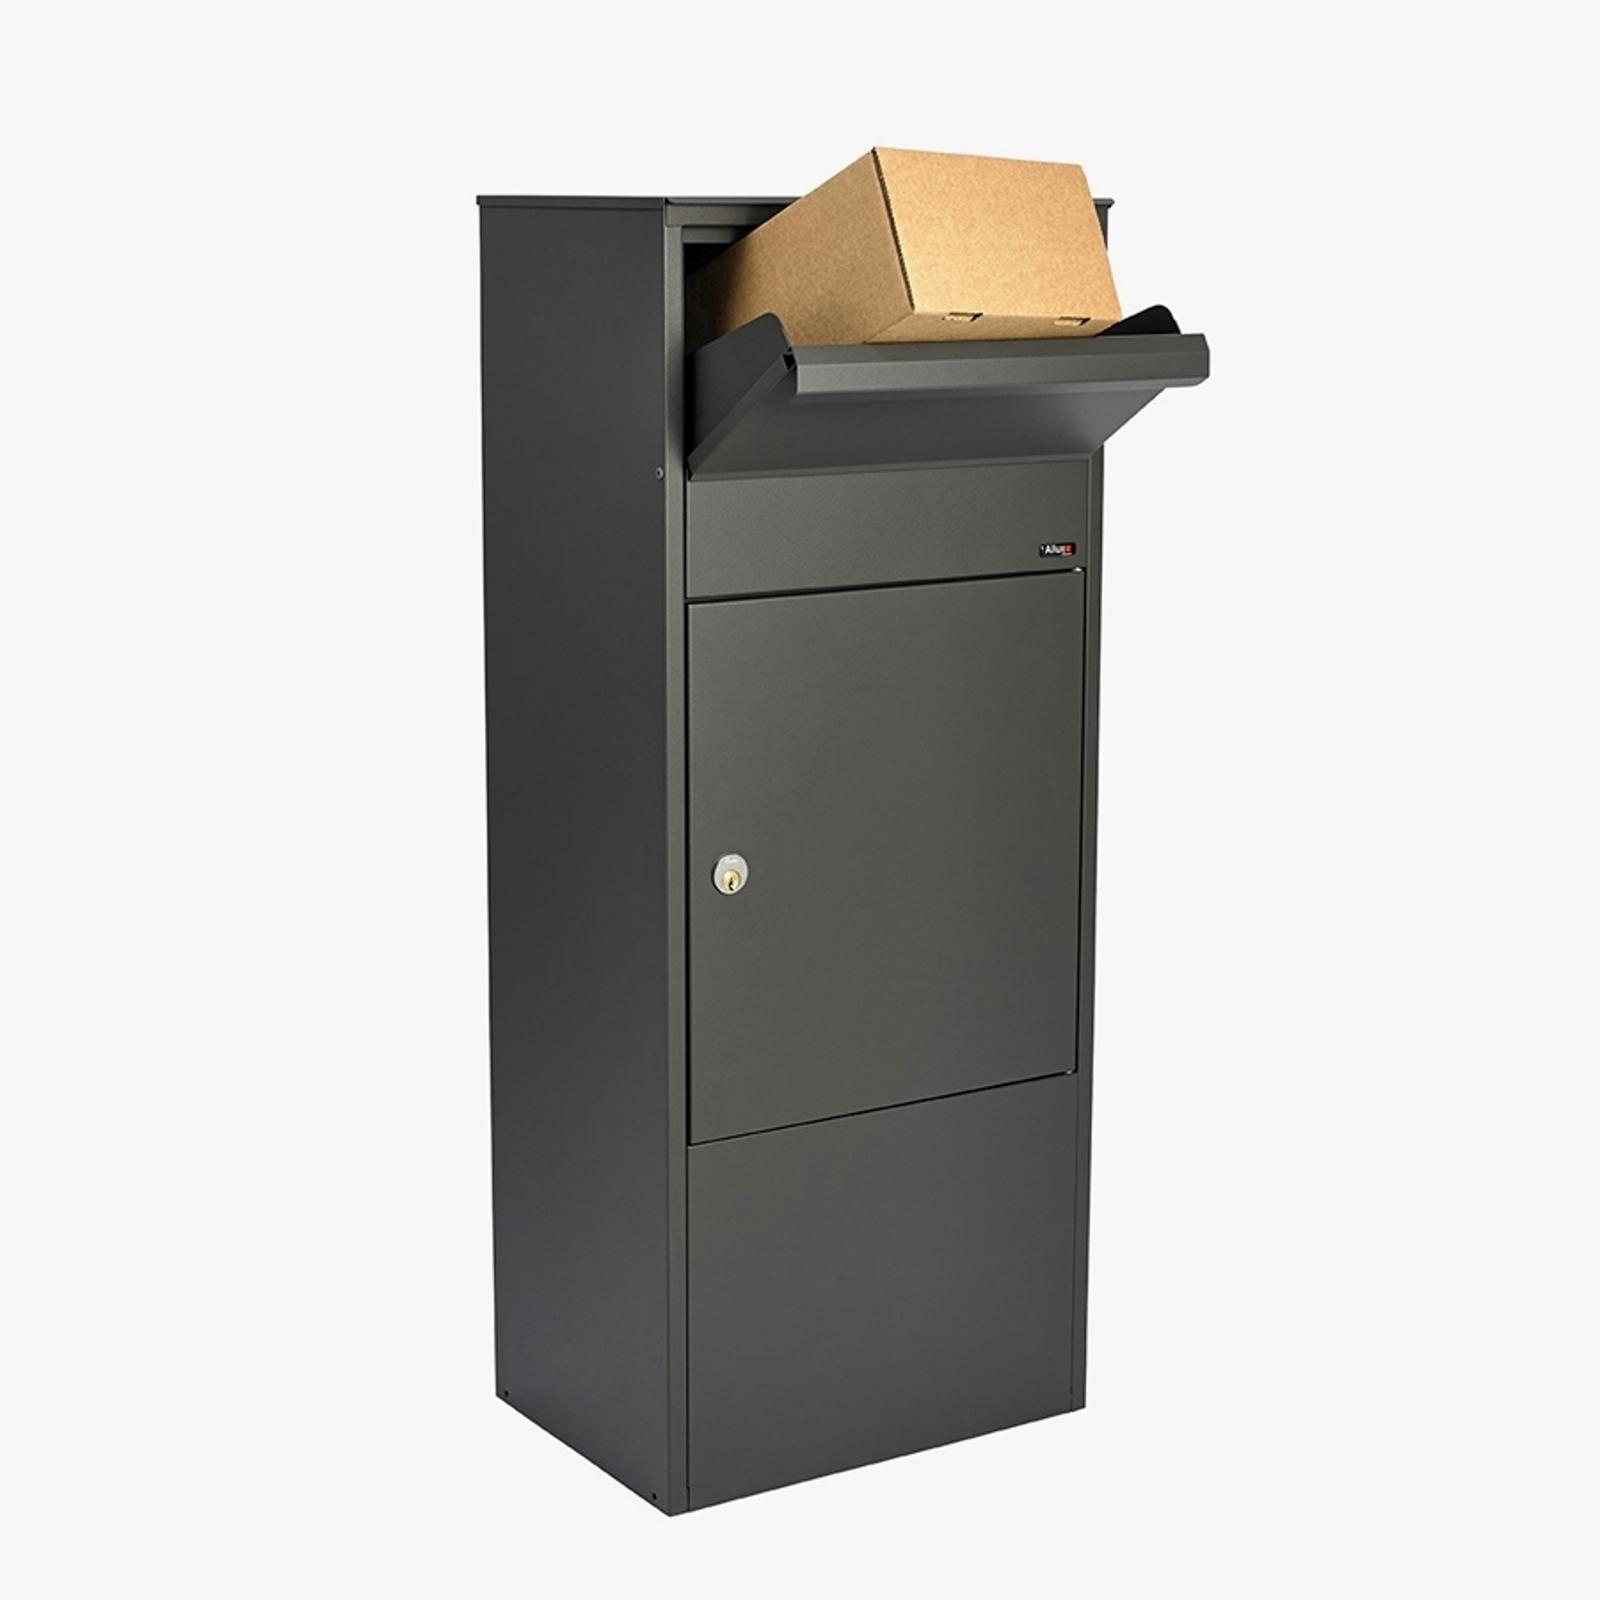 Große Brief- und Paketbox 800, anthrazit